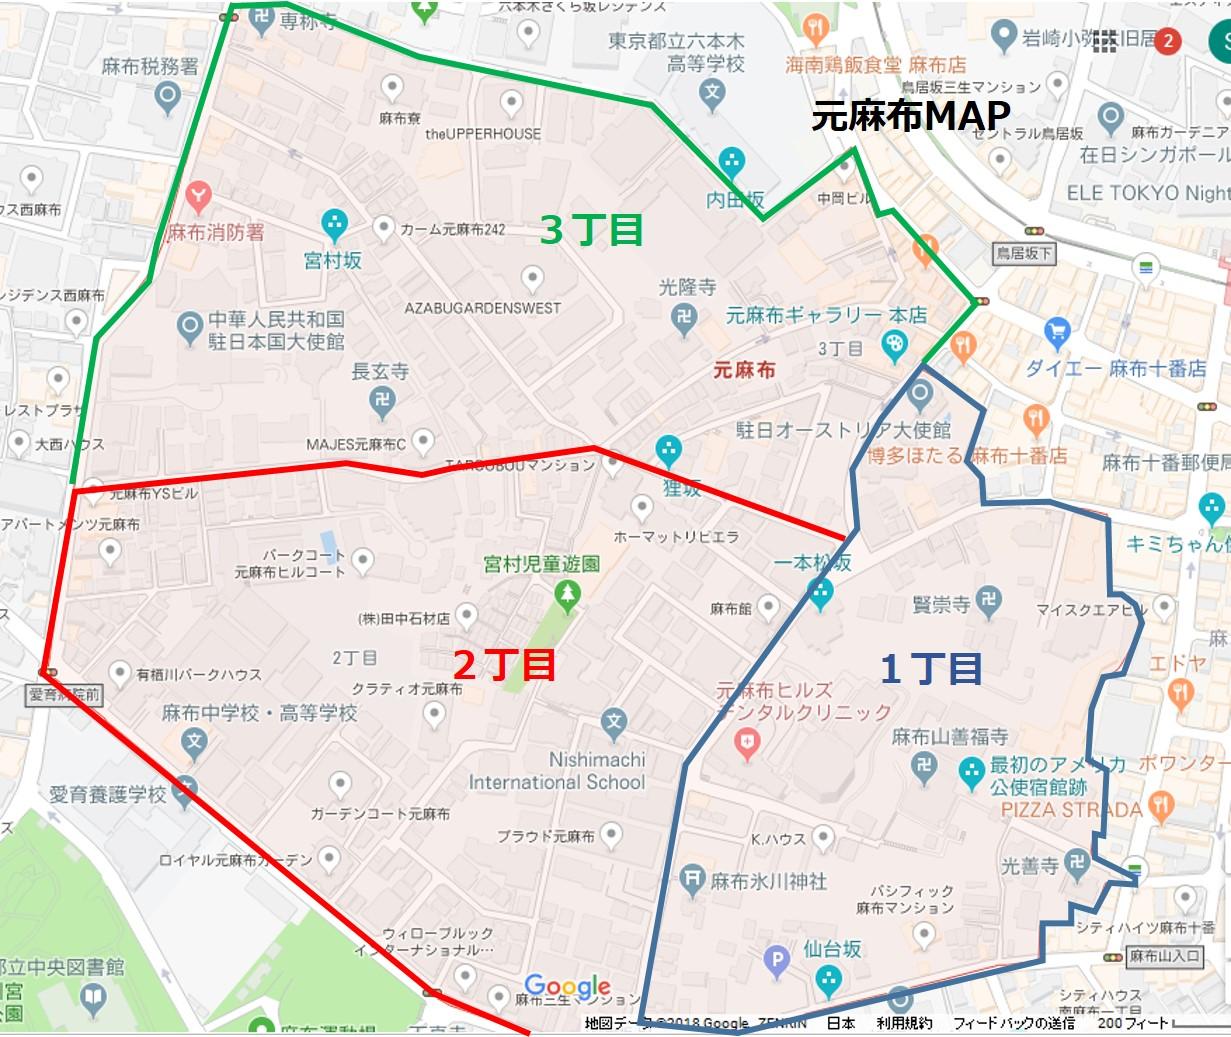 元麻布拡大MAP